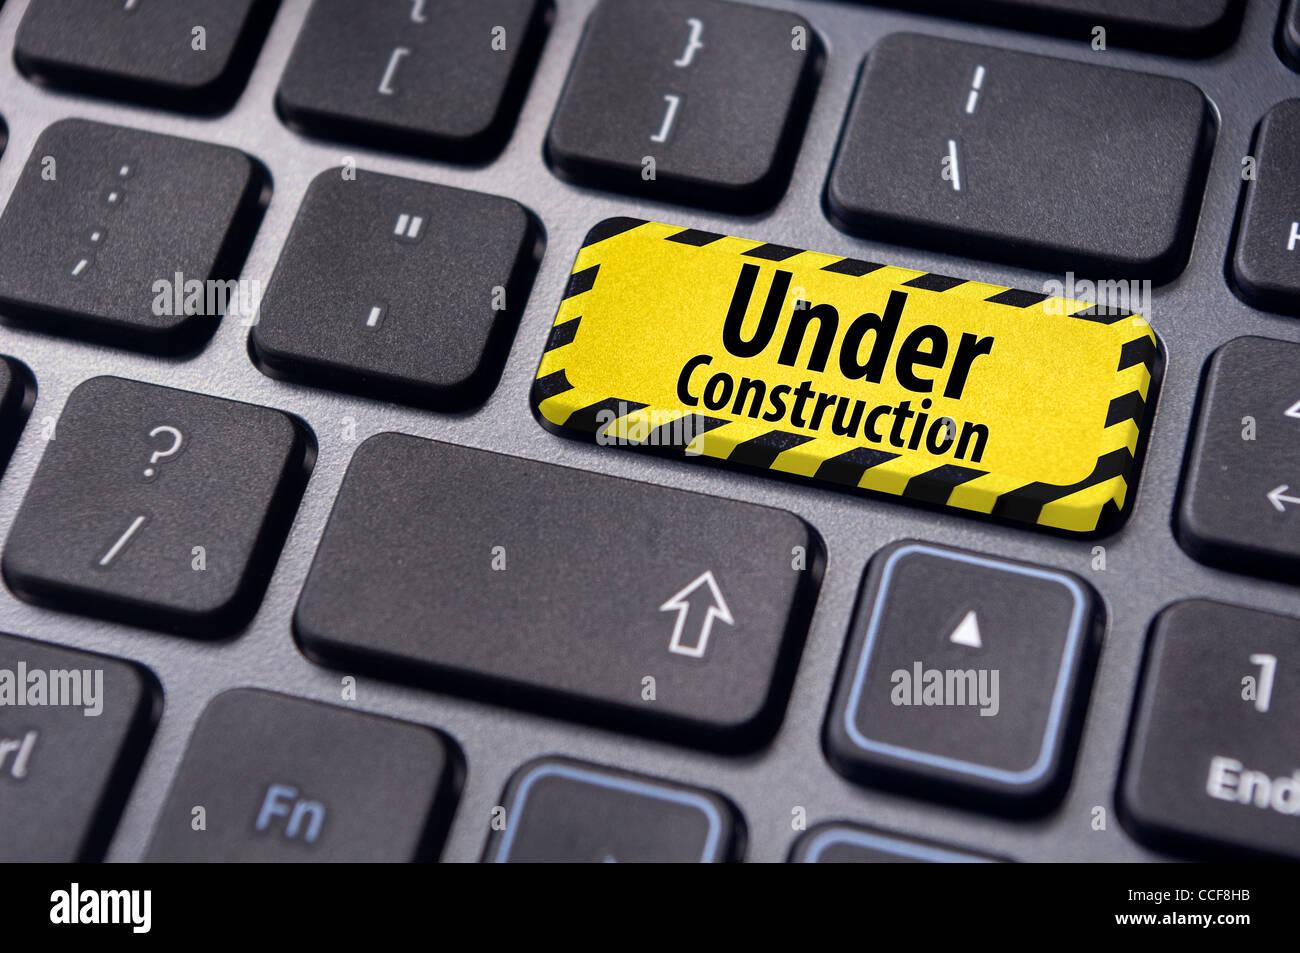 Mensaje en construcción en la tecla Intro del teclado para el sitio ...